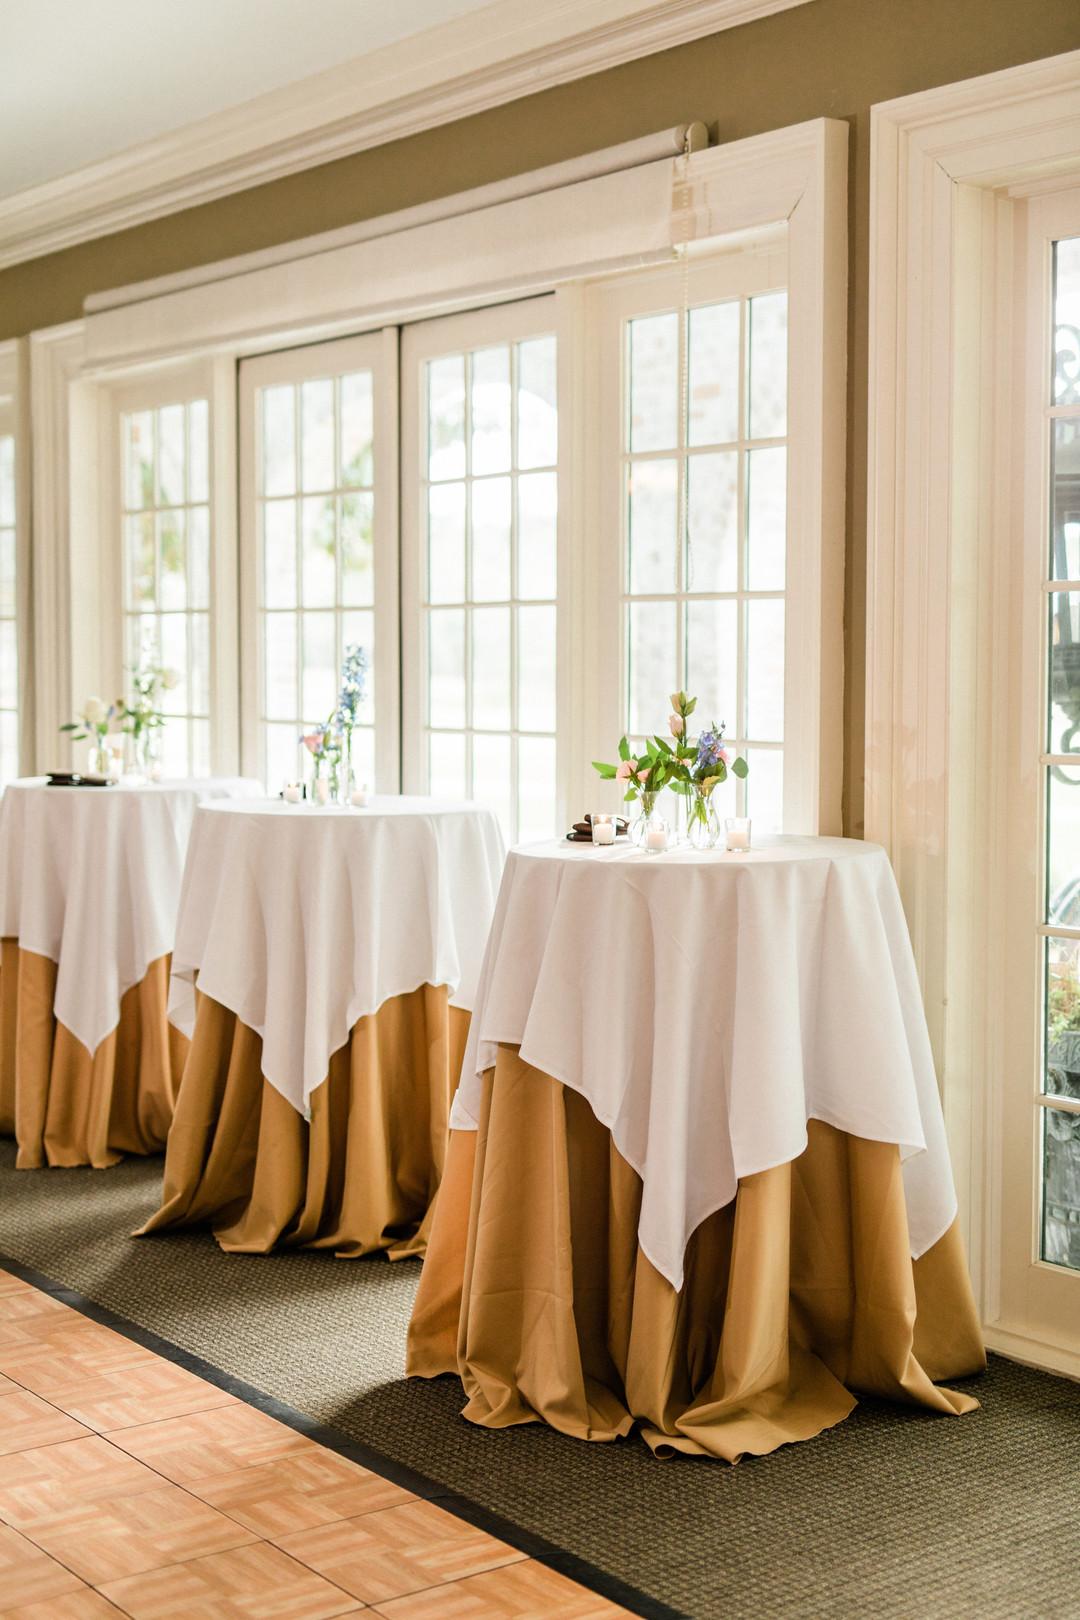 dunes-west-golf-club-wedding-30.jpg